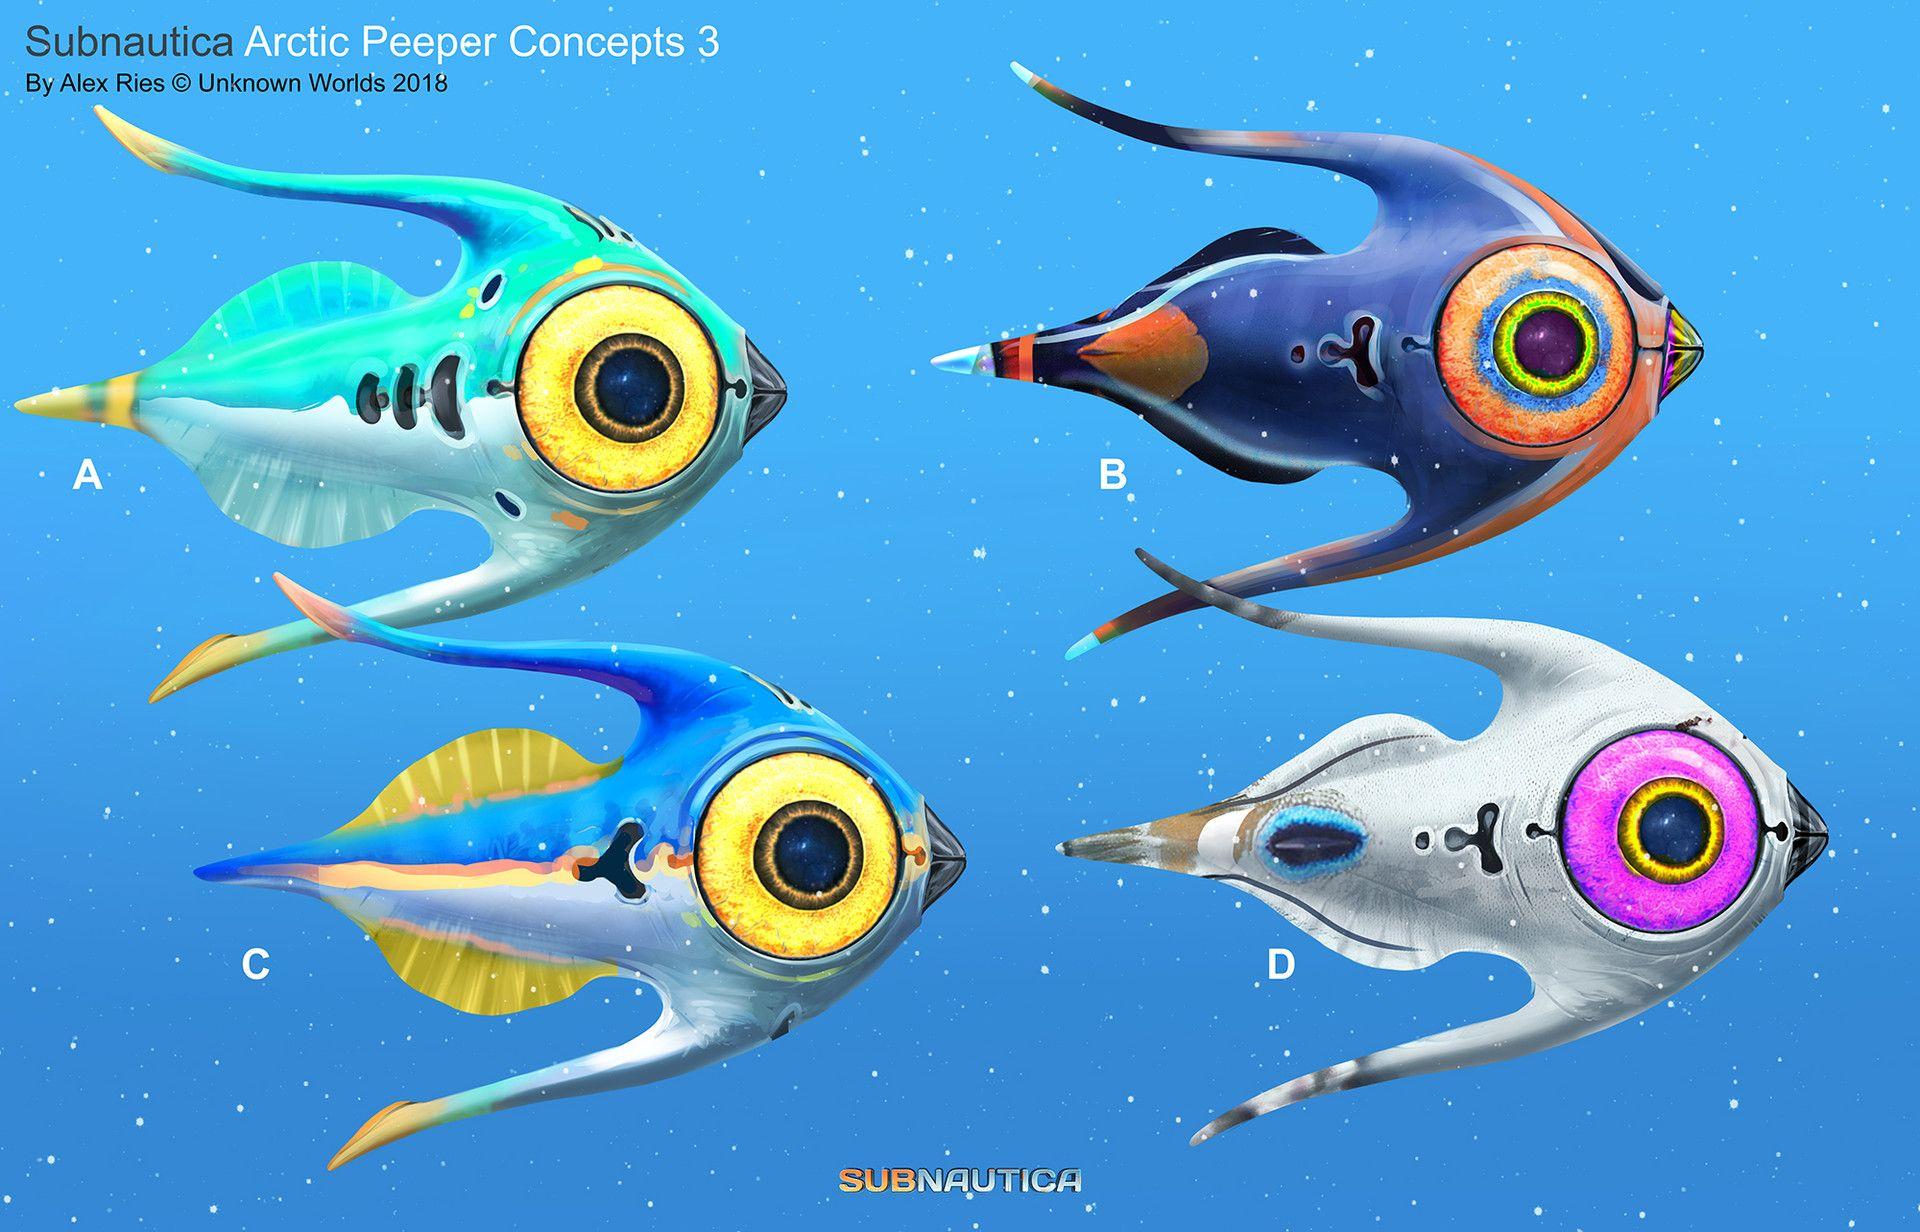 ArtStation - Subnautica - Below Zero: Arctic Peeper, Alex